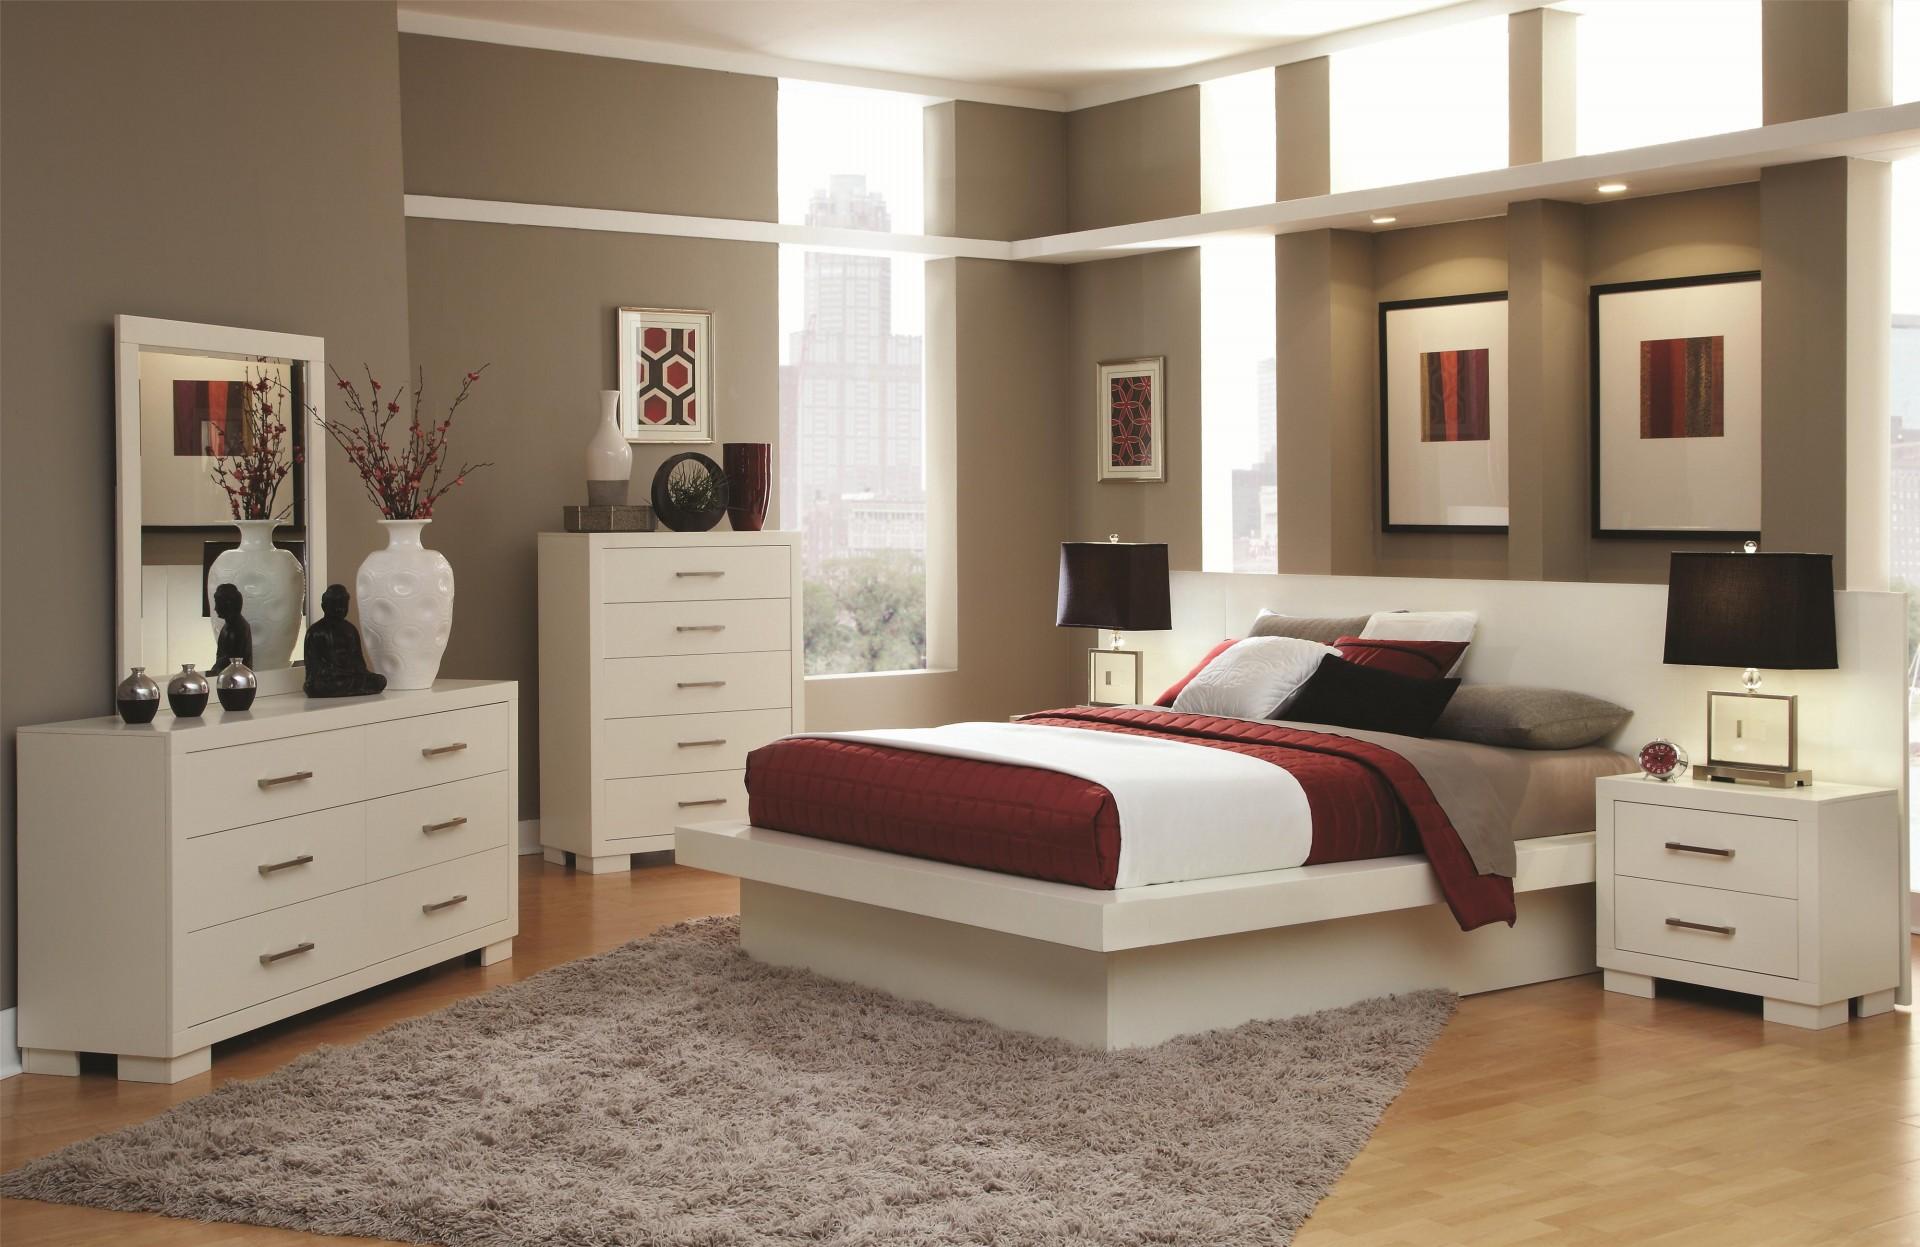 Master bedroom from Vastu aspect | INDIA TRIBUNE